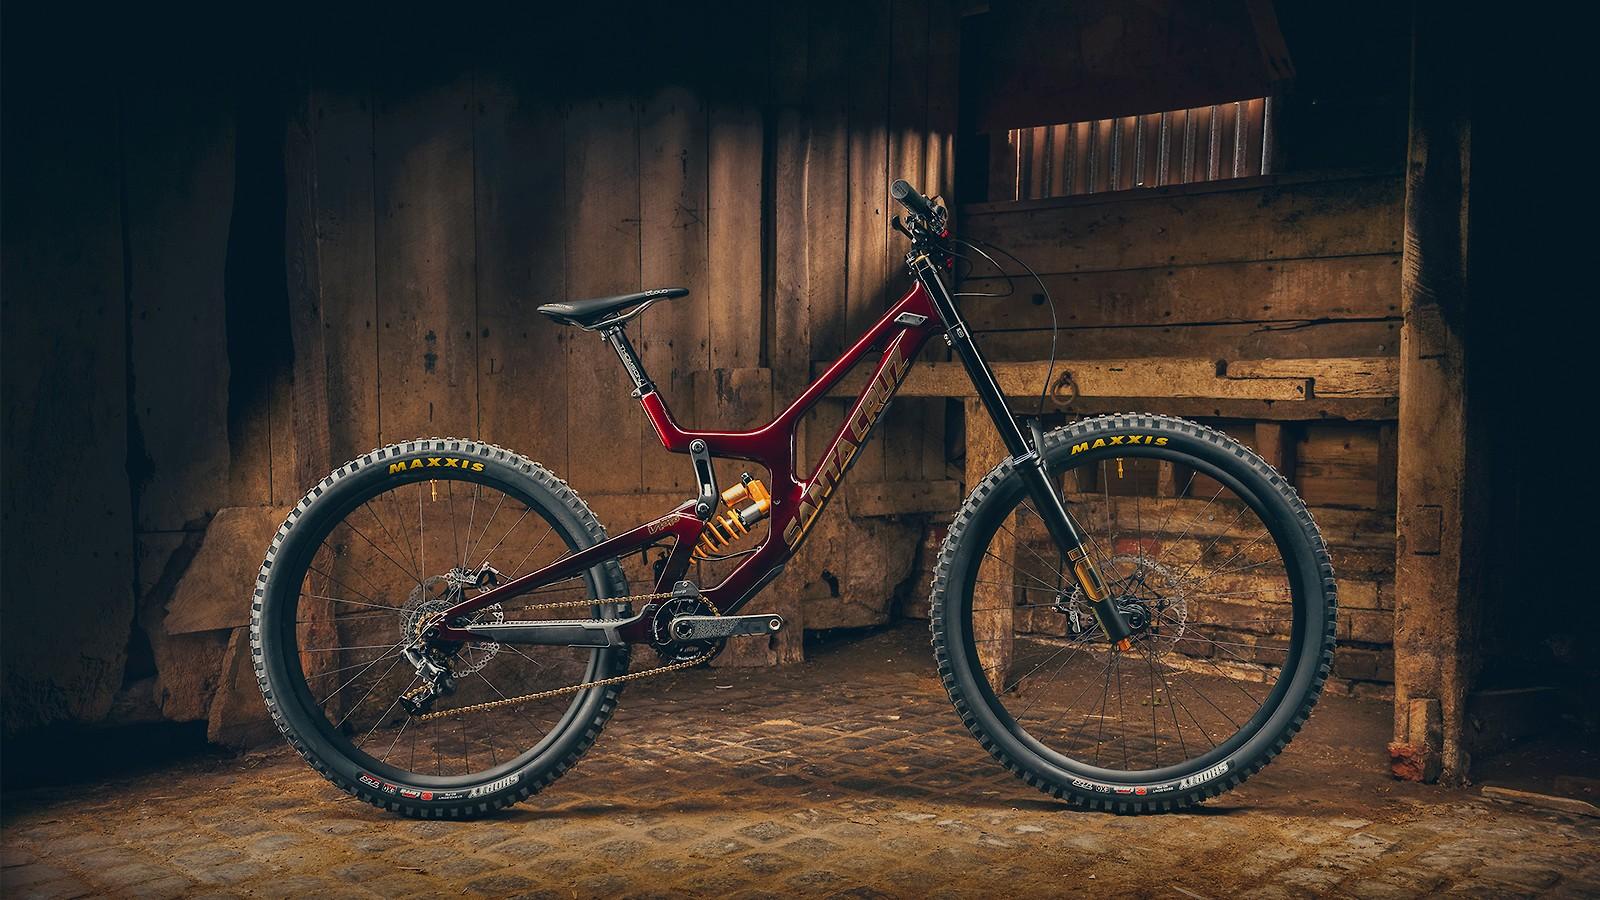 Santa Cruz V10CC - Vital Bike of the Day December 2020 - Mountain Biking Pictures - Vital MTB